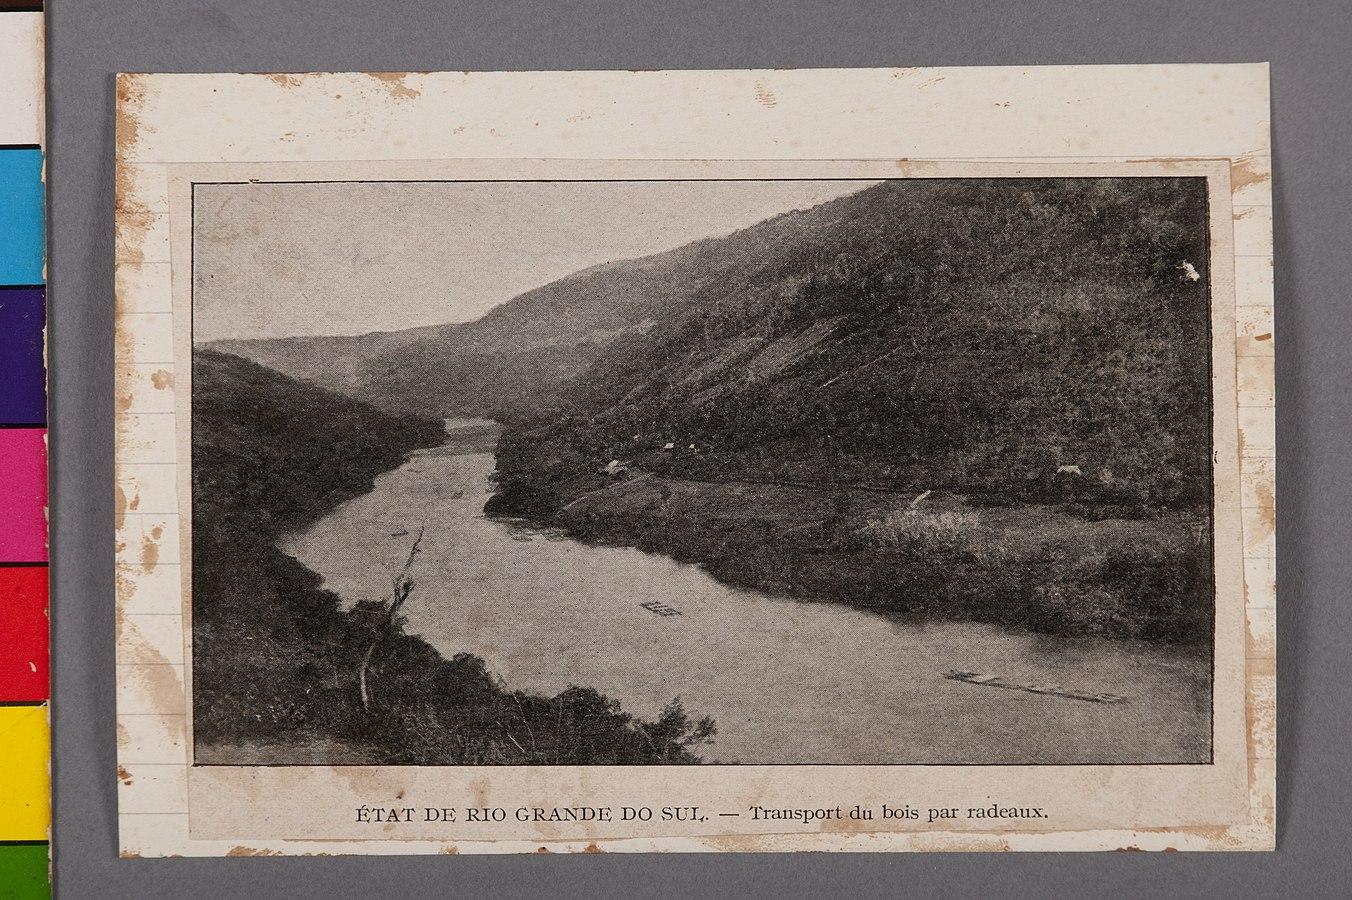 État de Rio Grande do Sul - Transport du Bois Par Radeaux